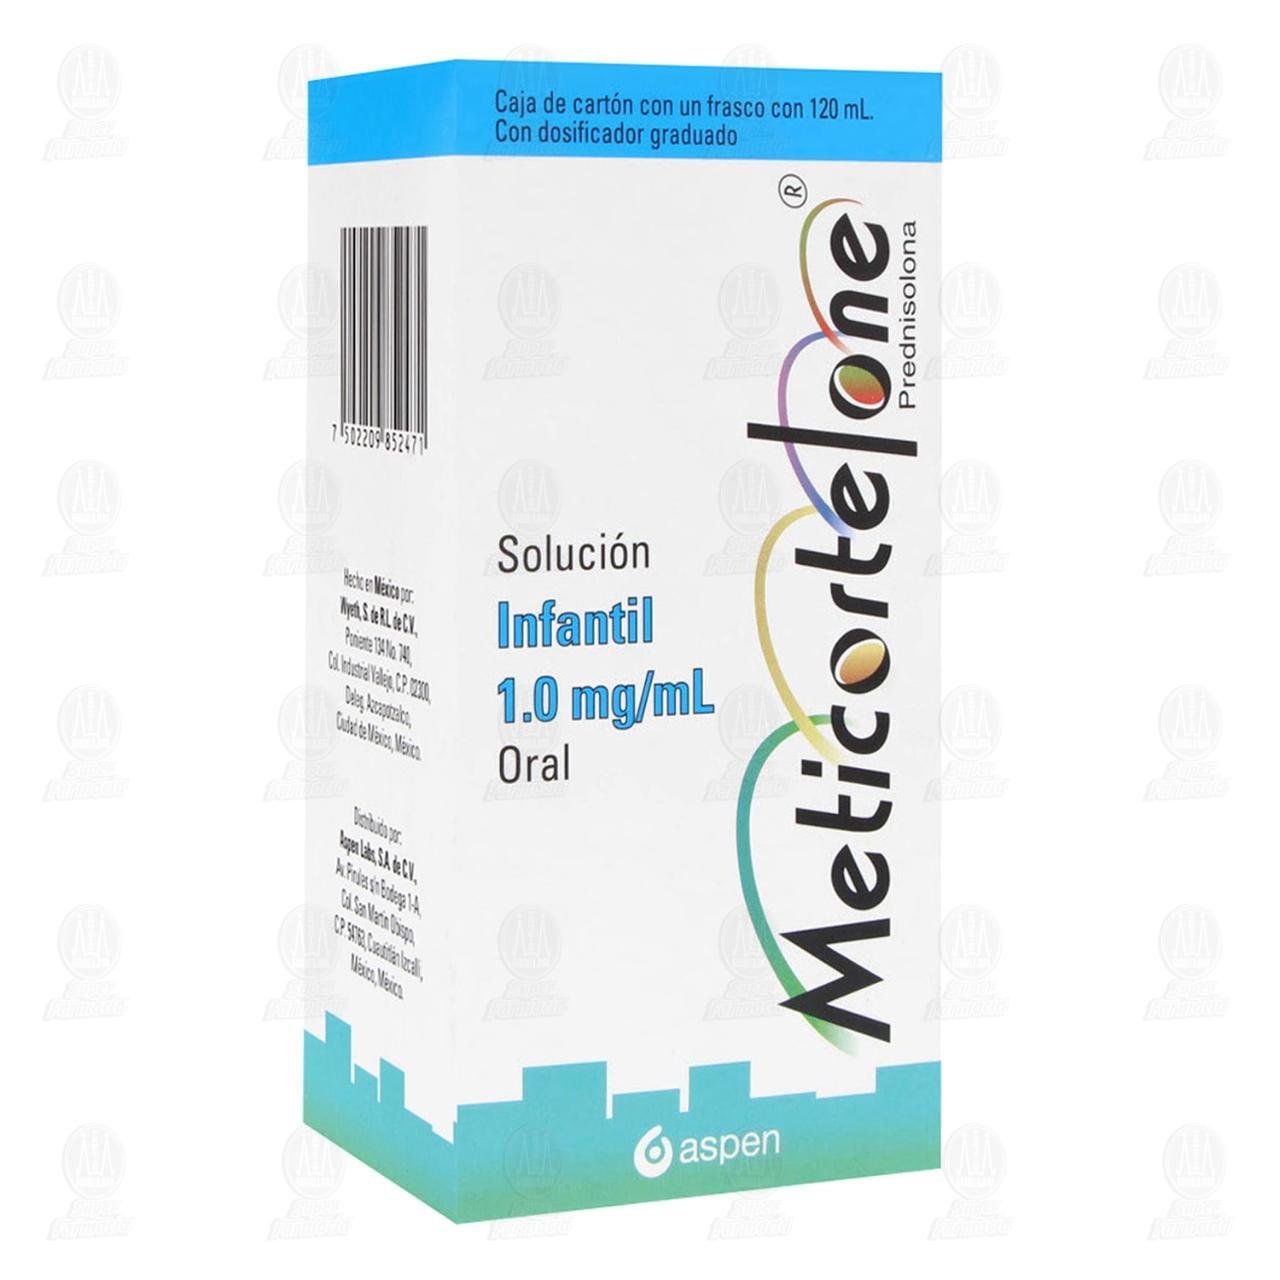 Comprar Meticortelone 1mg/ml 120ml Solución Infantil en Farmacias Guadalajara